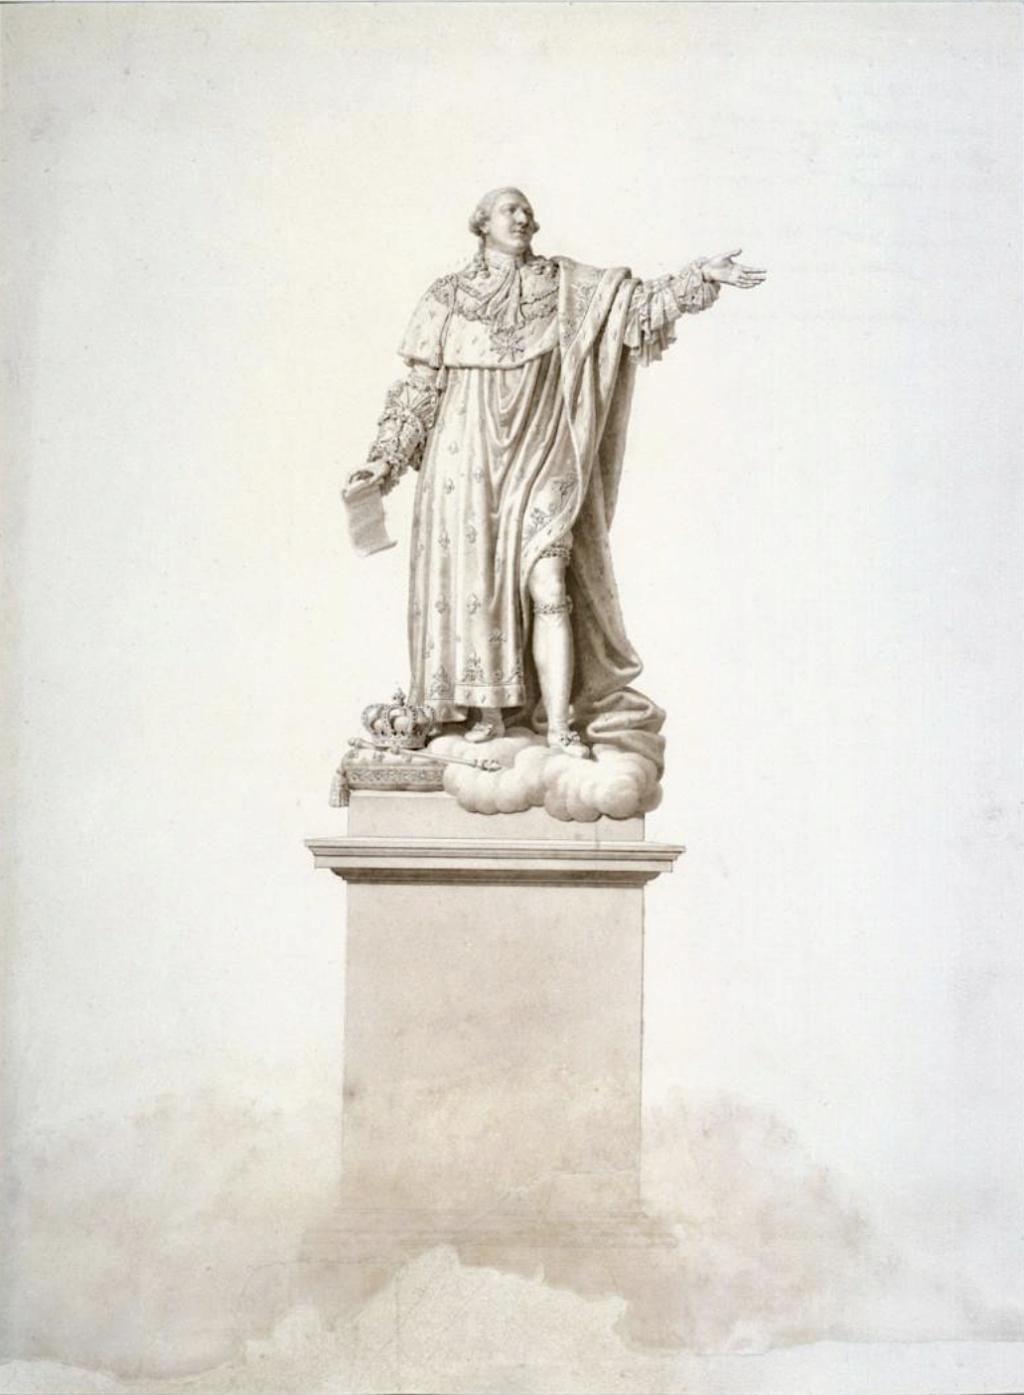 La chapelle expiatoire du square Louis XVI, à Paris - Page 3 Capt1633